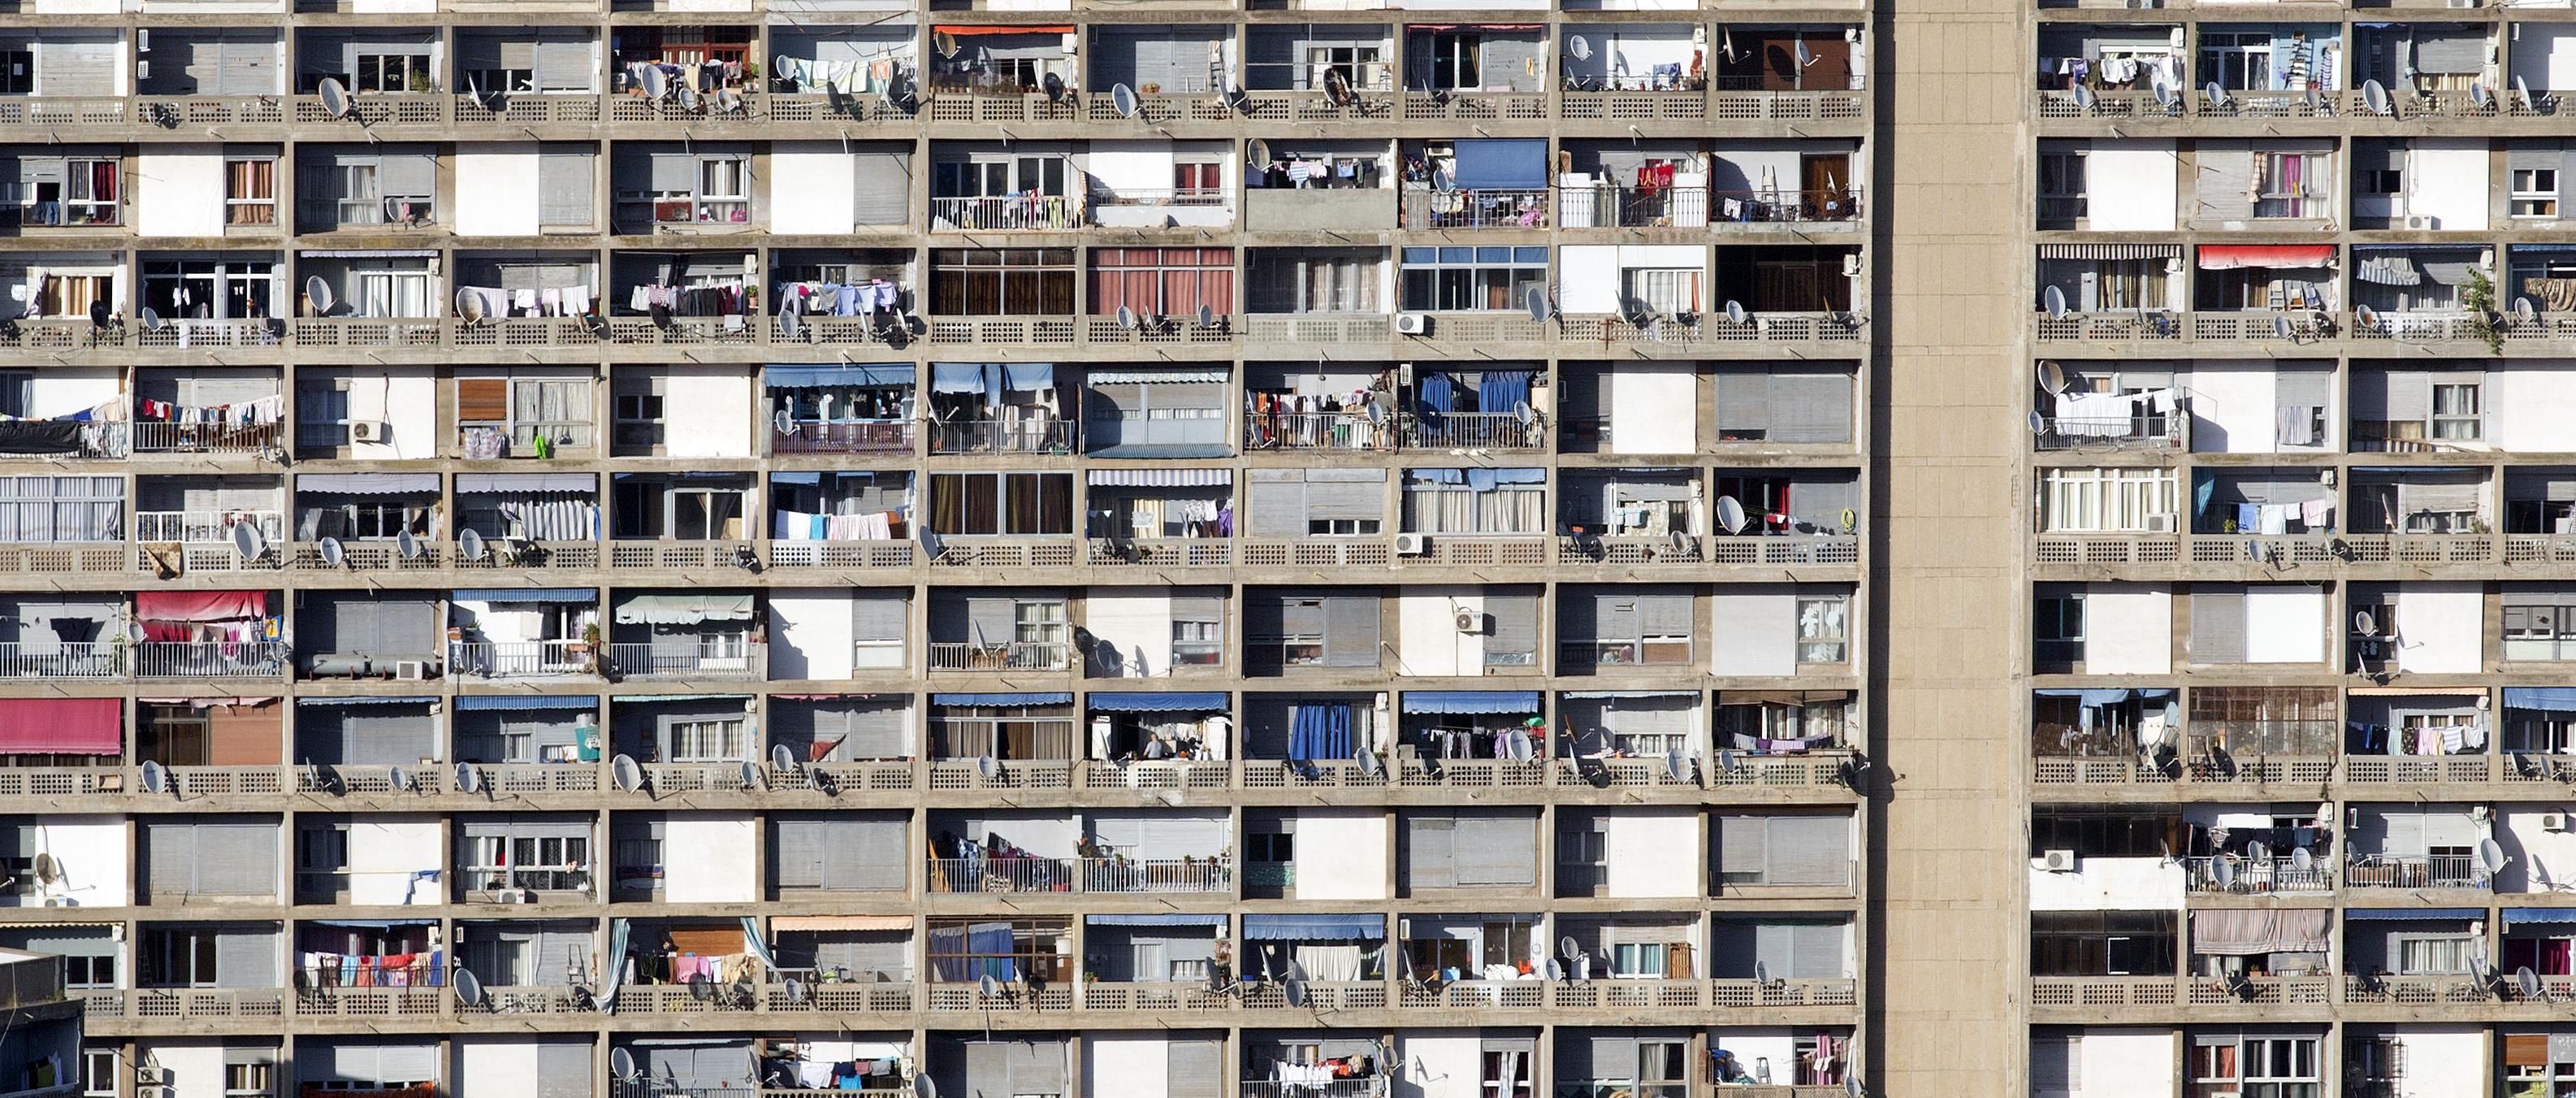 Wohnhaus in Algier, Algerien